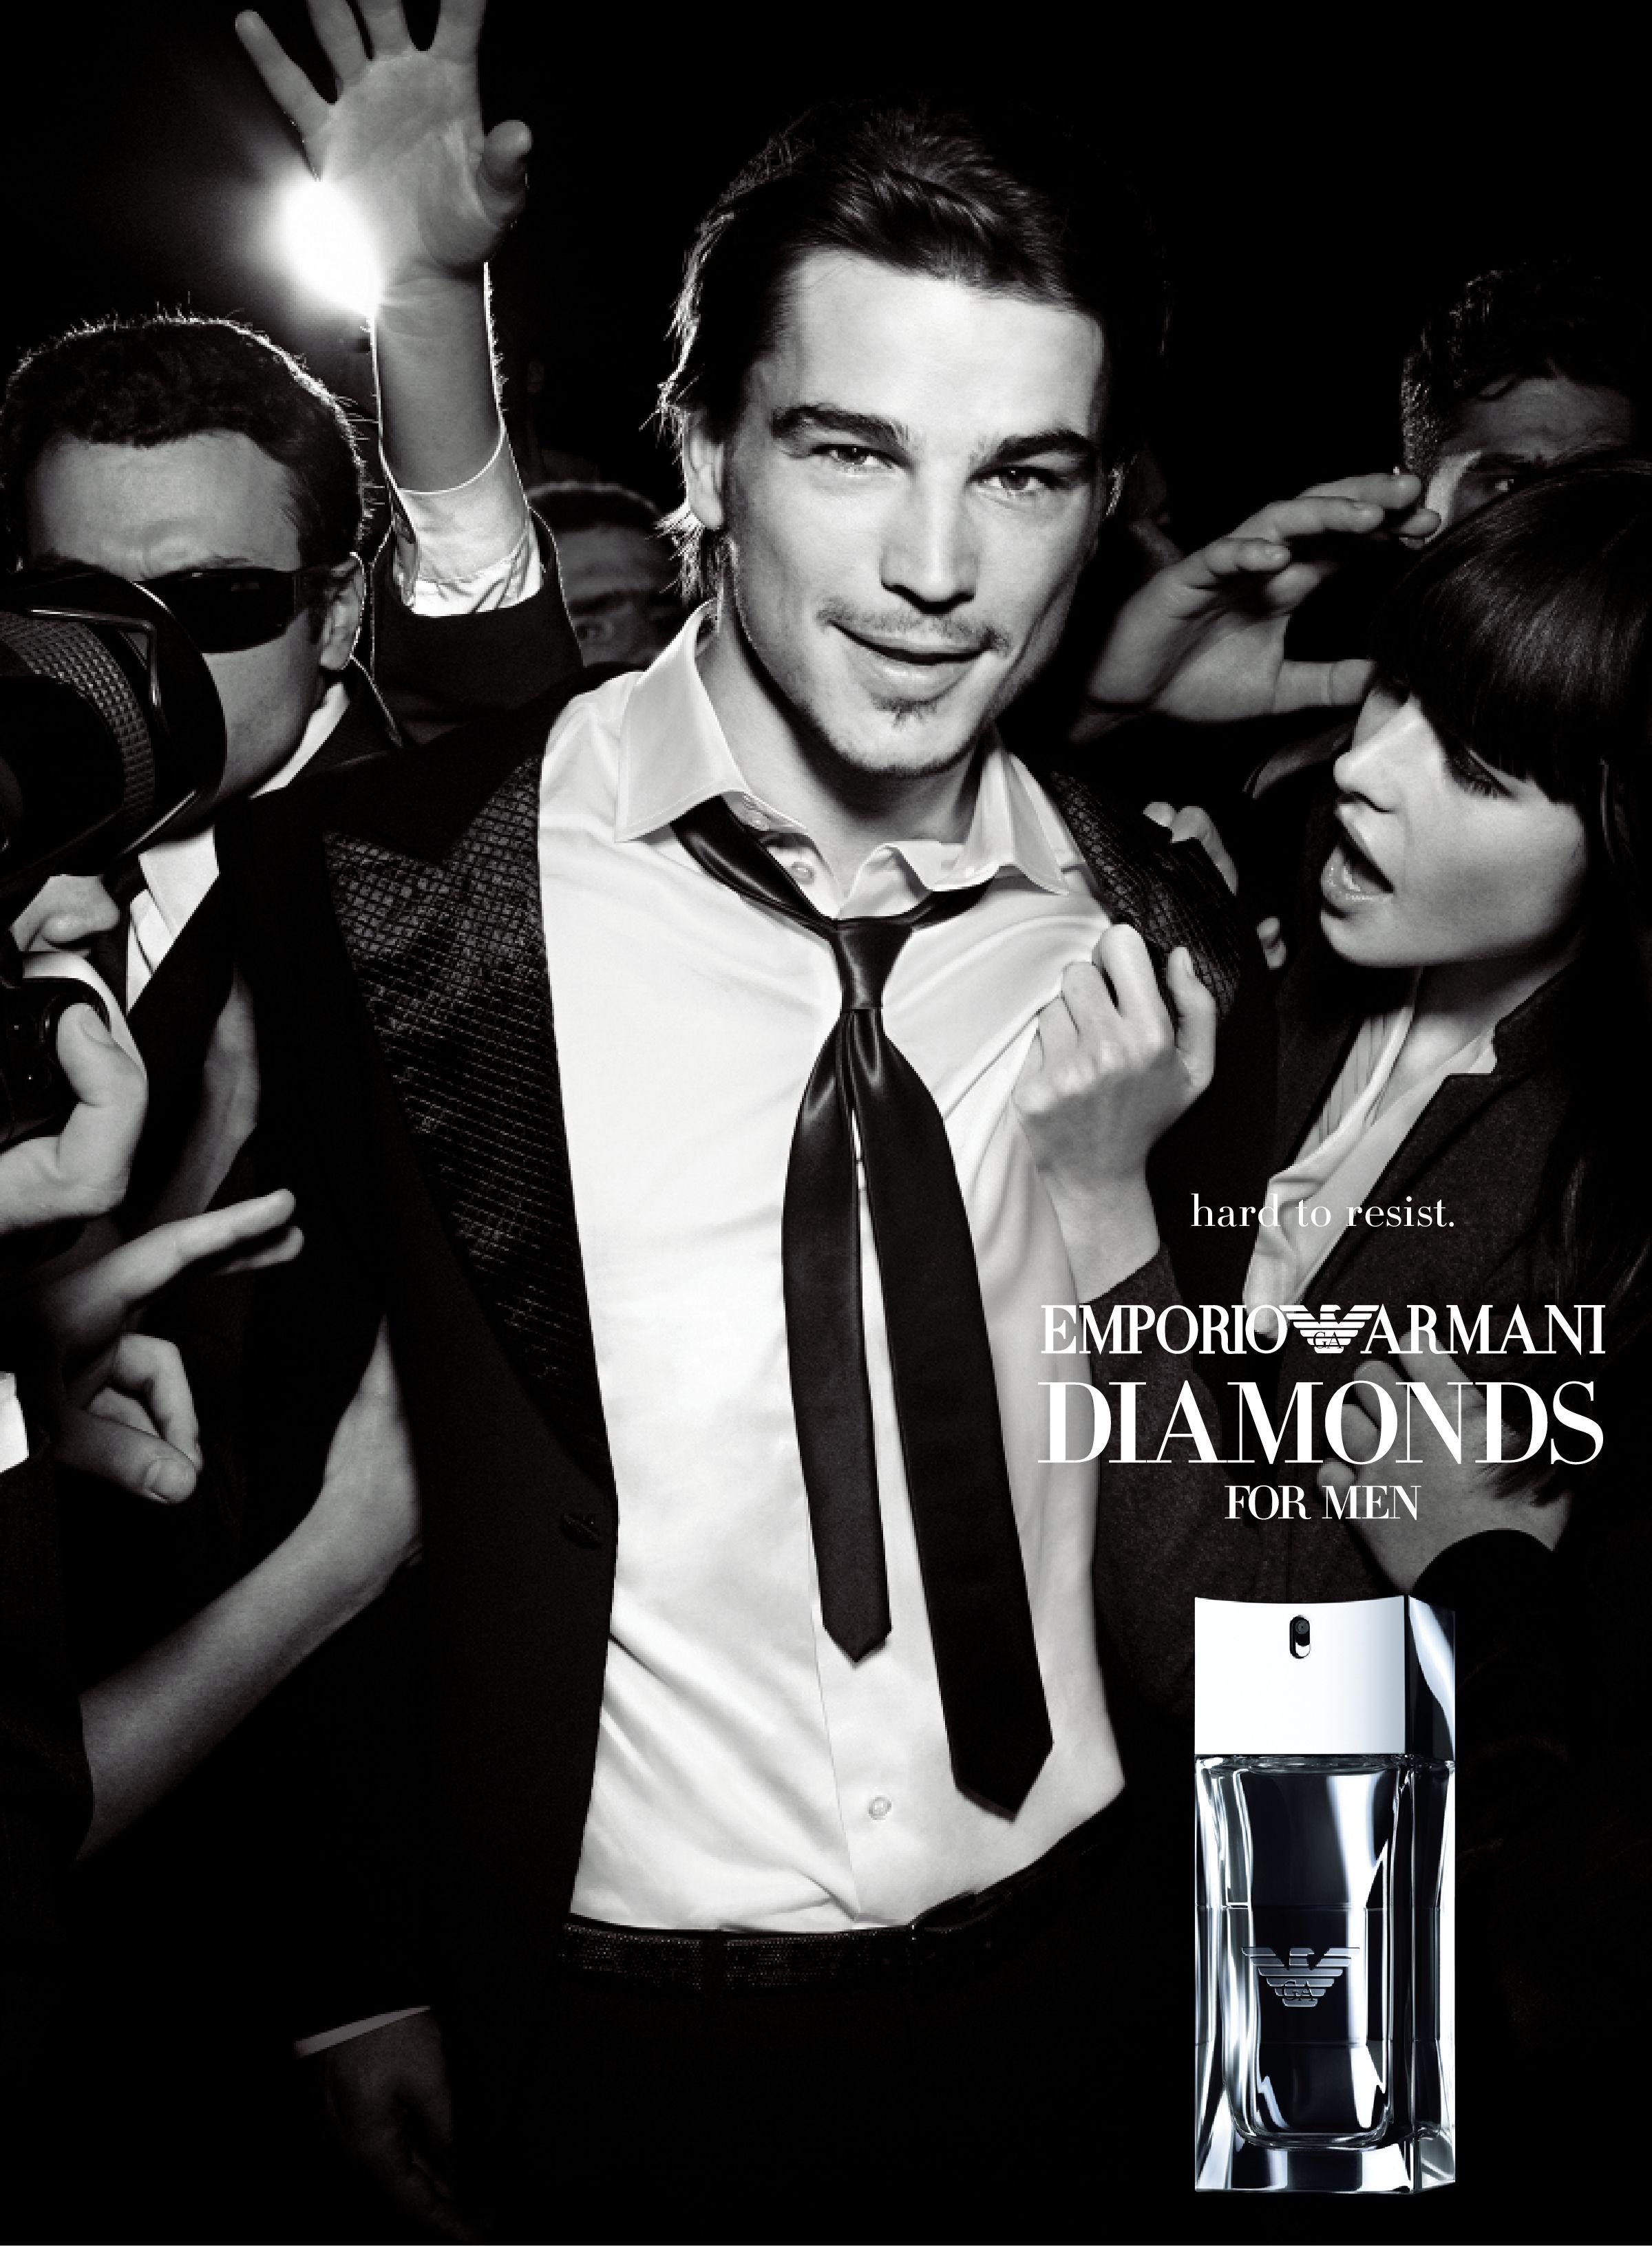 Giorgio Armani Perfume Ads Coming soon: emporio armani diamonds for men popsugar beauty